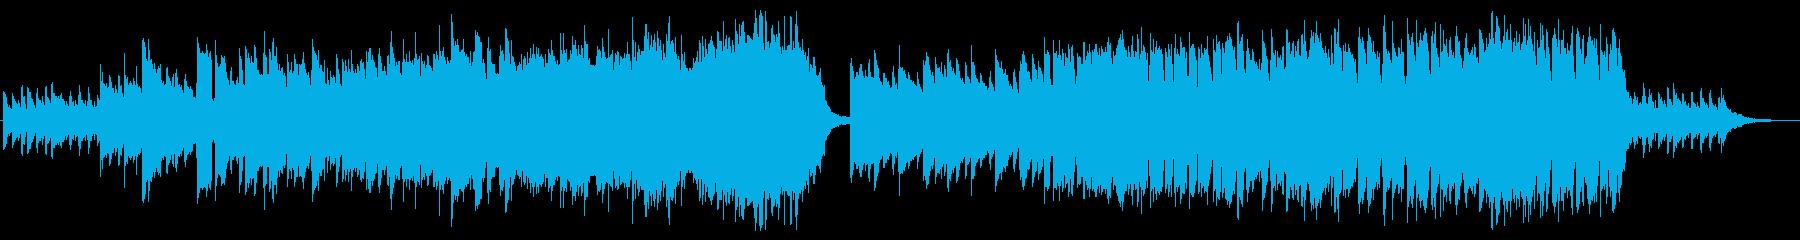 ピアノイントロから始まる希望に満ちた曲Bの再生済みの波形